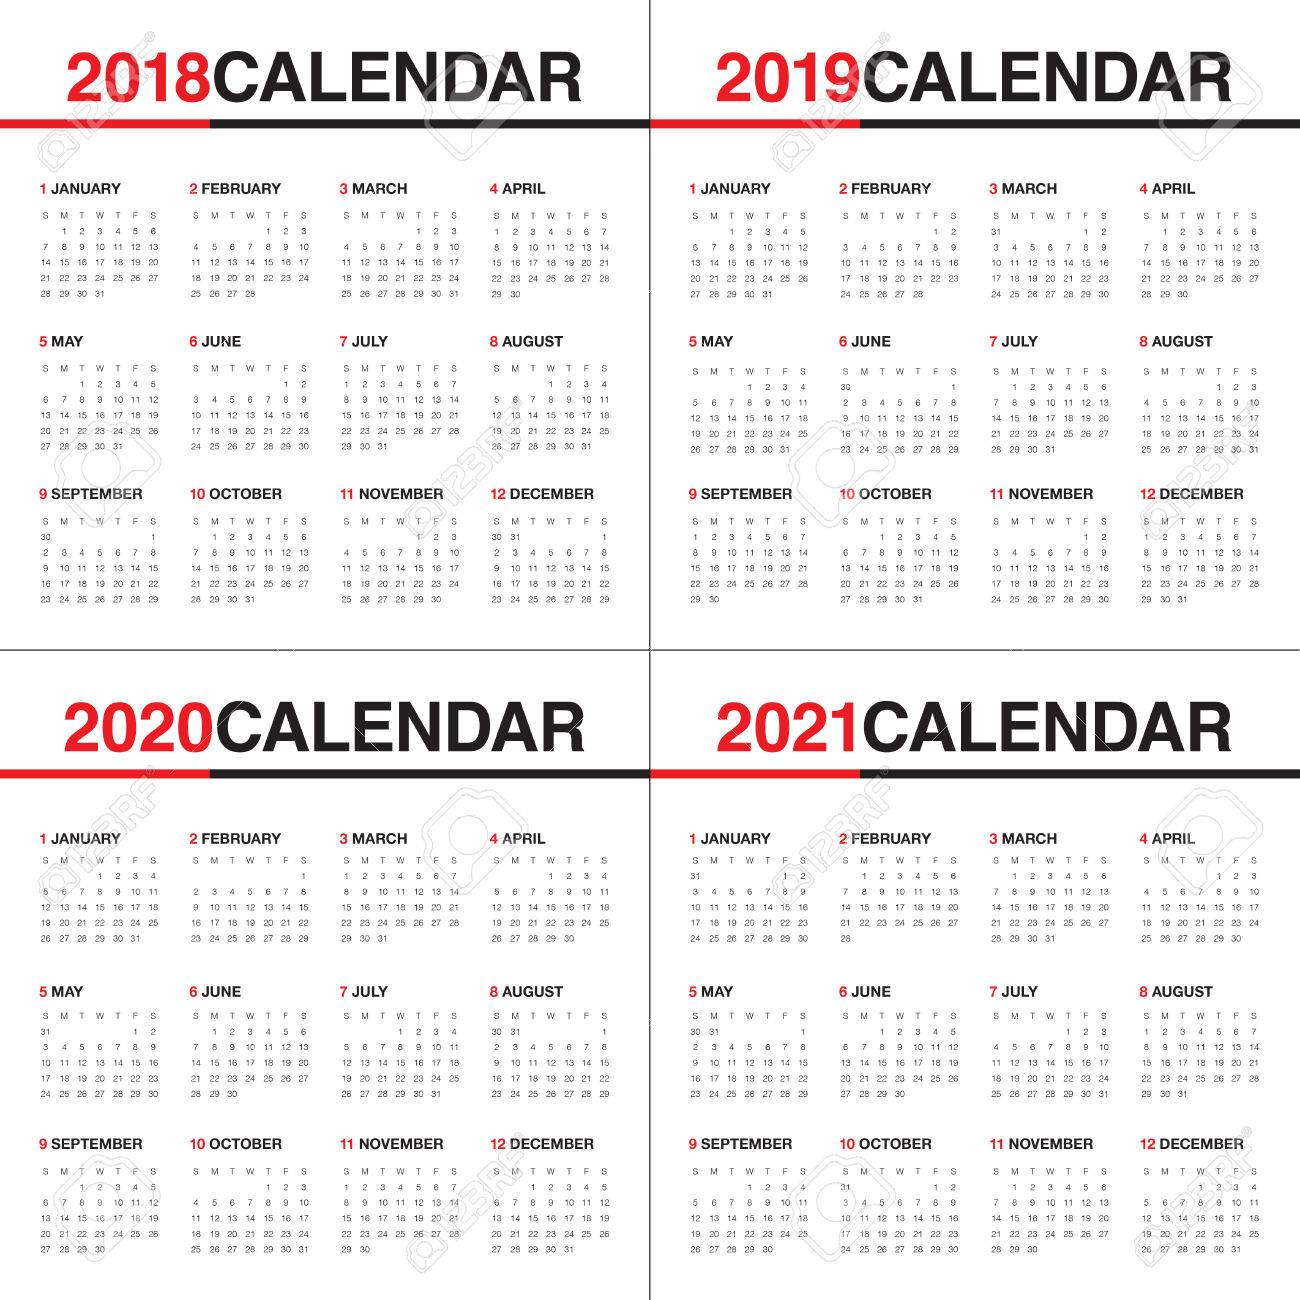 Calendrier 2018 2021 Année 2018 2019 2020 2021 Calendrier Modèle De Conception De